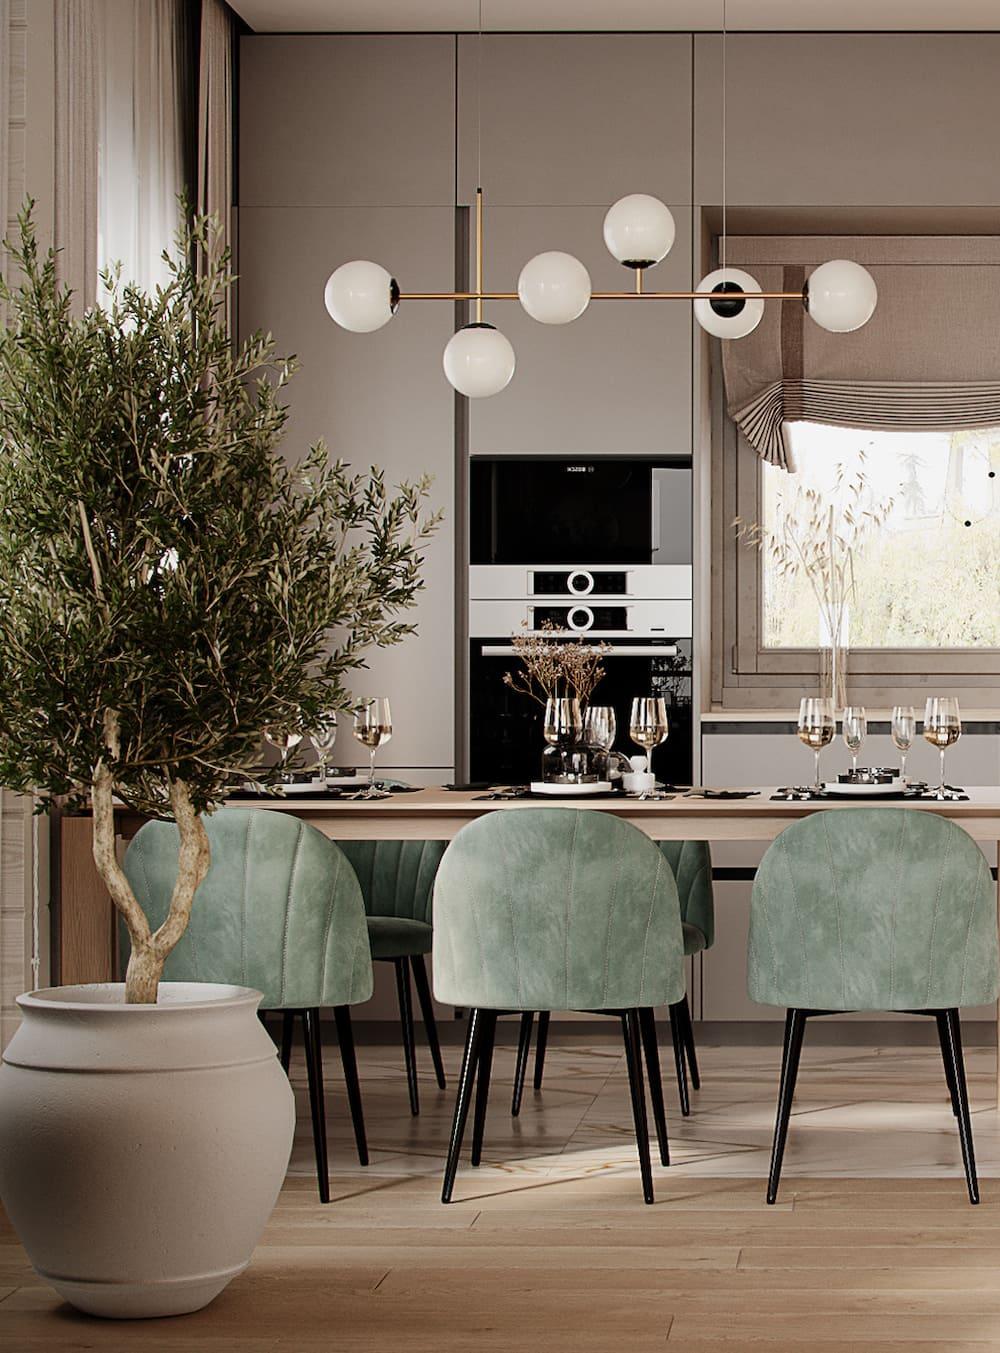 дизайн кухни в современном стиле фото 11